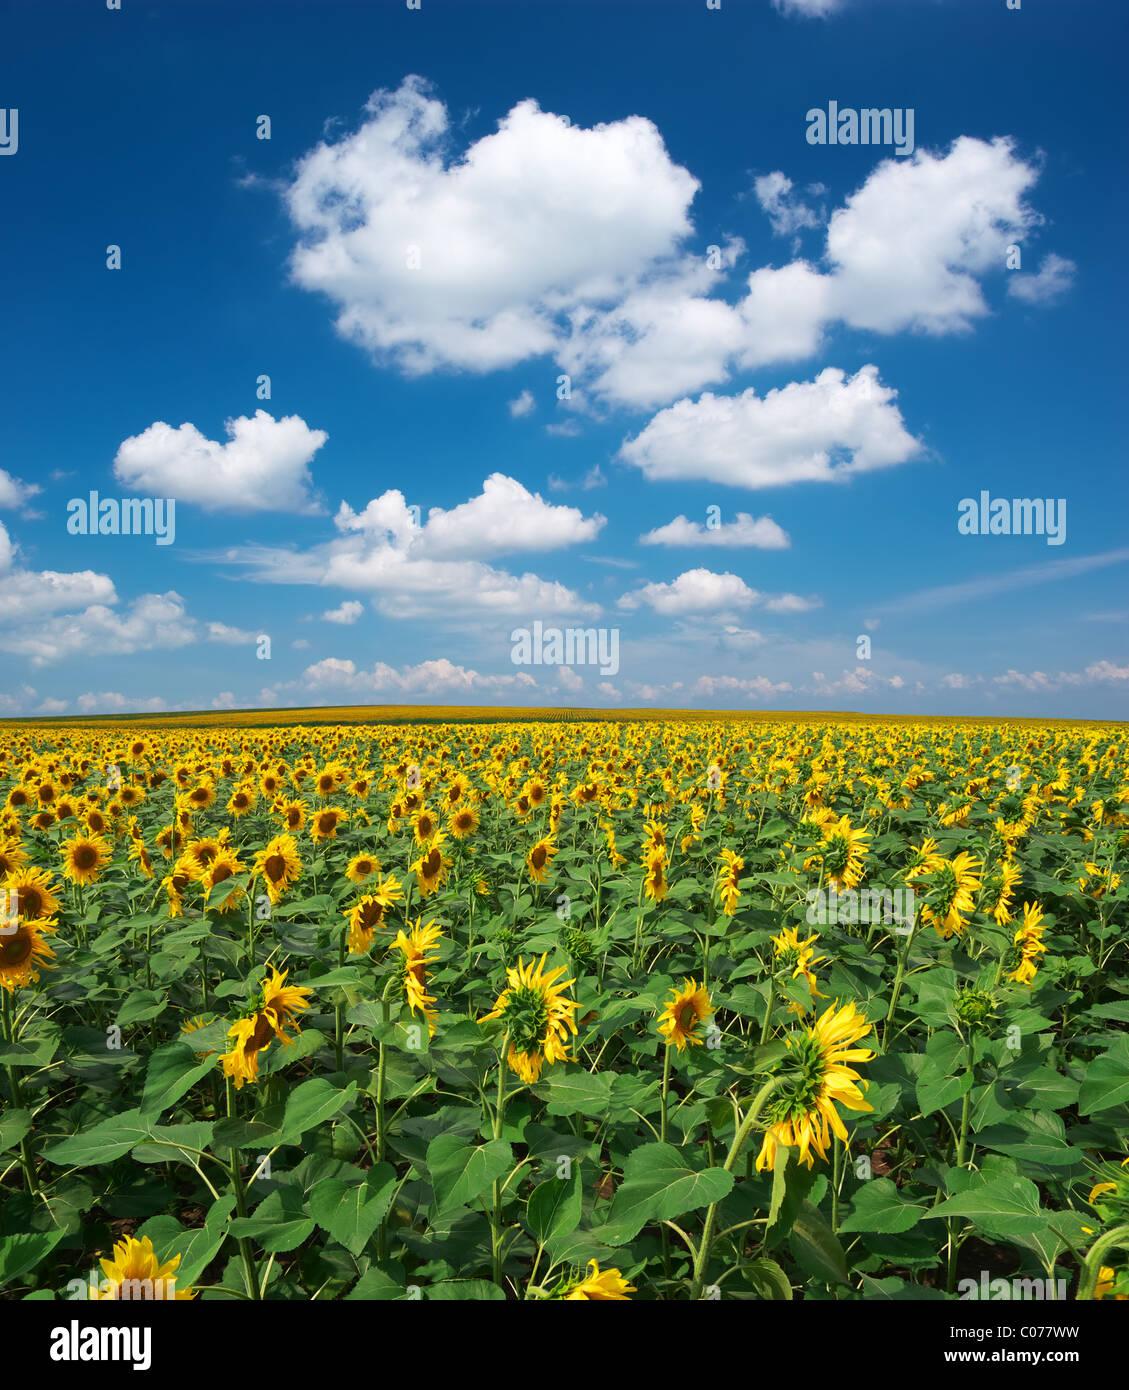 Großes Feld von Sonnenblumen. Zusammensetzung der Natur. Stockfoto